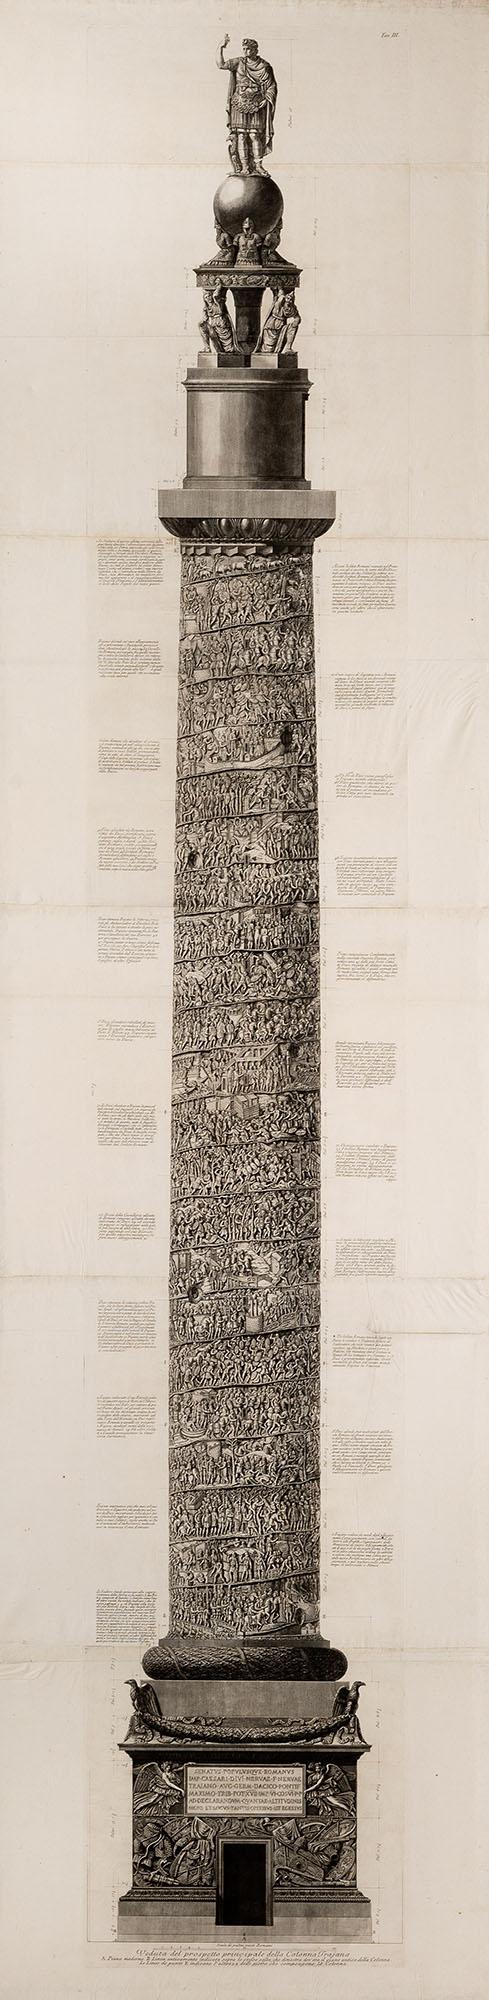 21. Veduta del prospetto principale della Colonna Trajana